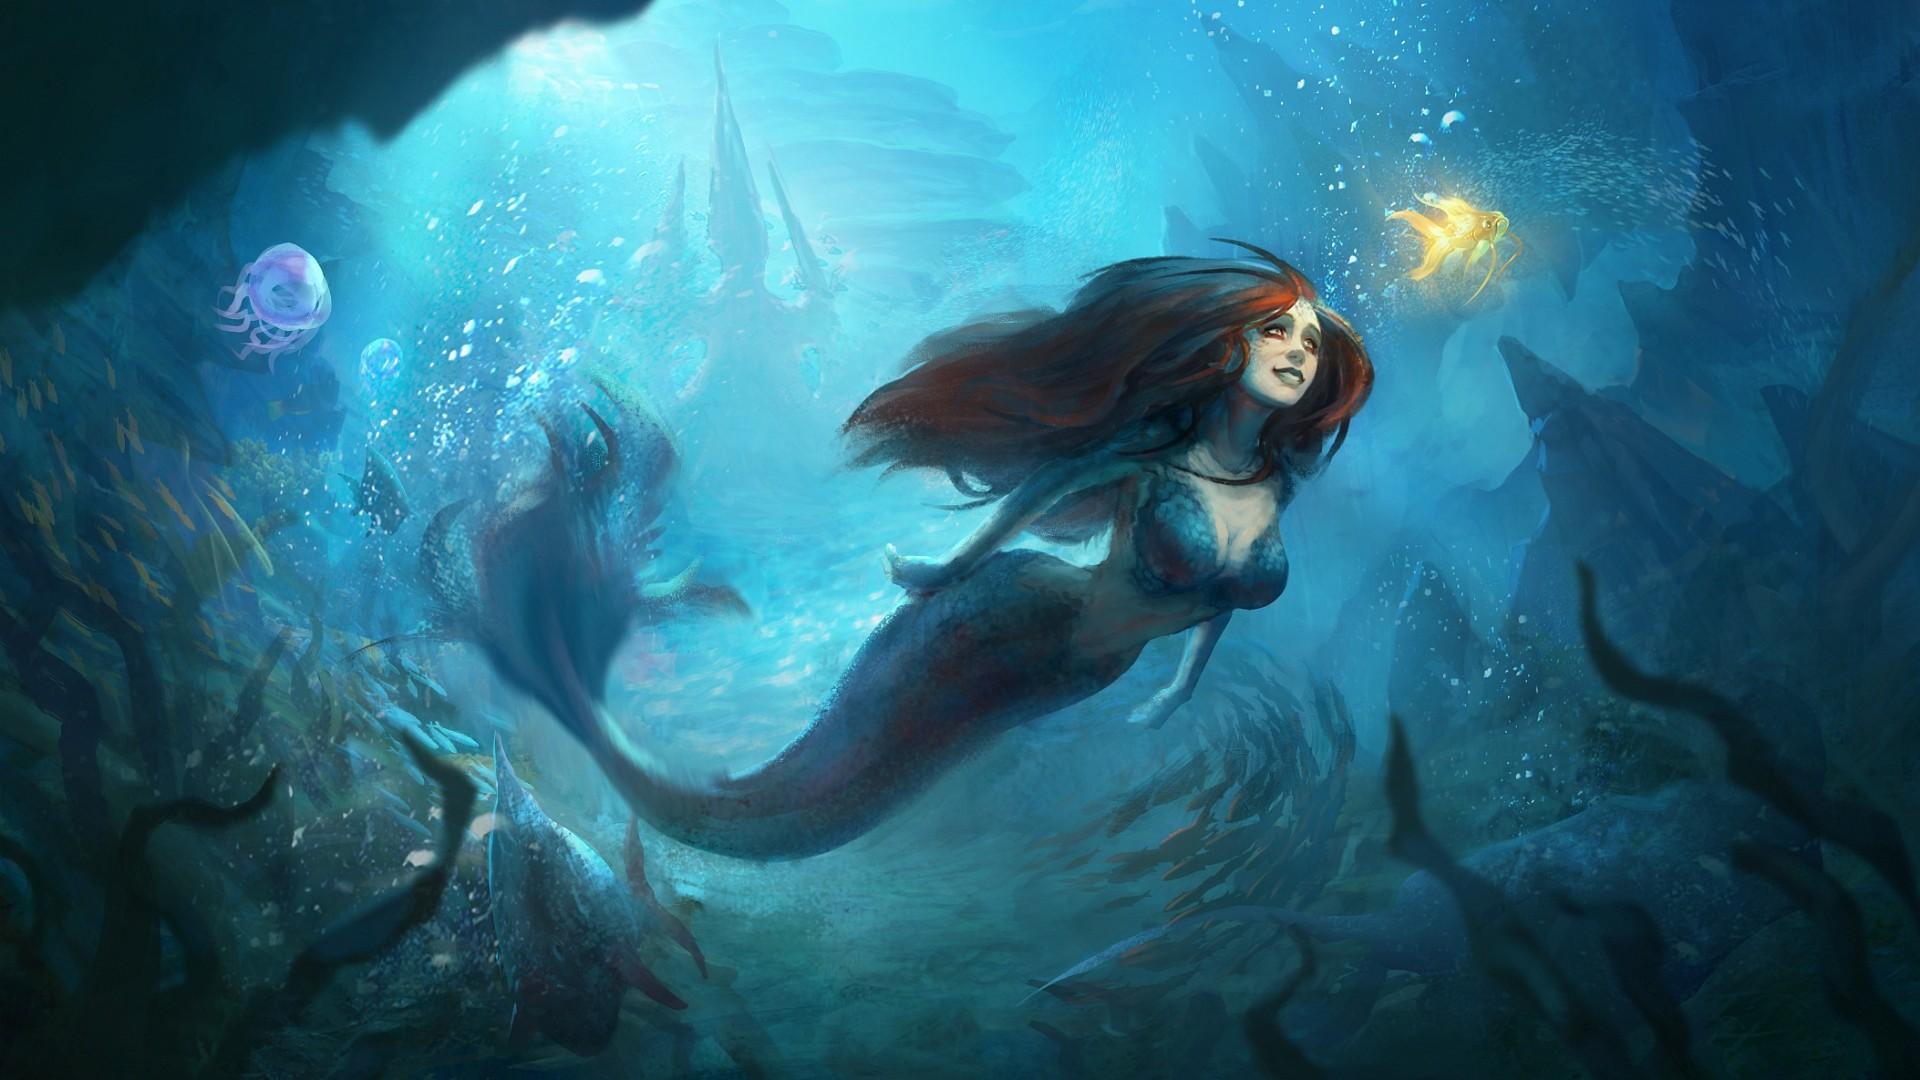 Underwater Fantasy Background